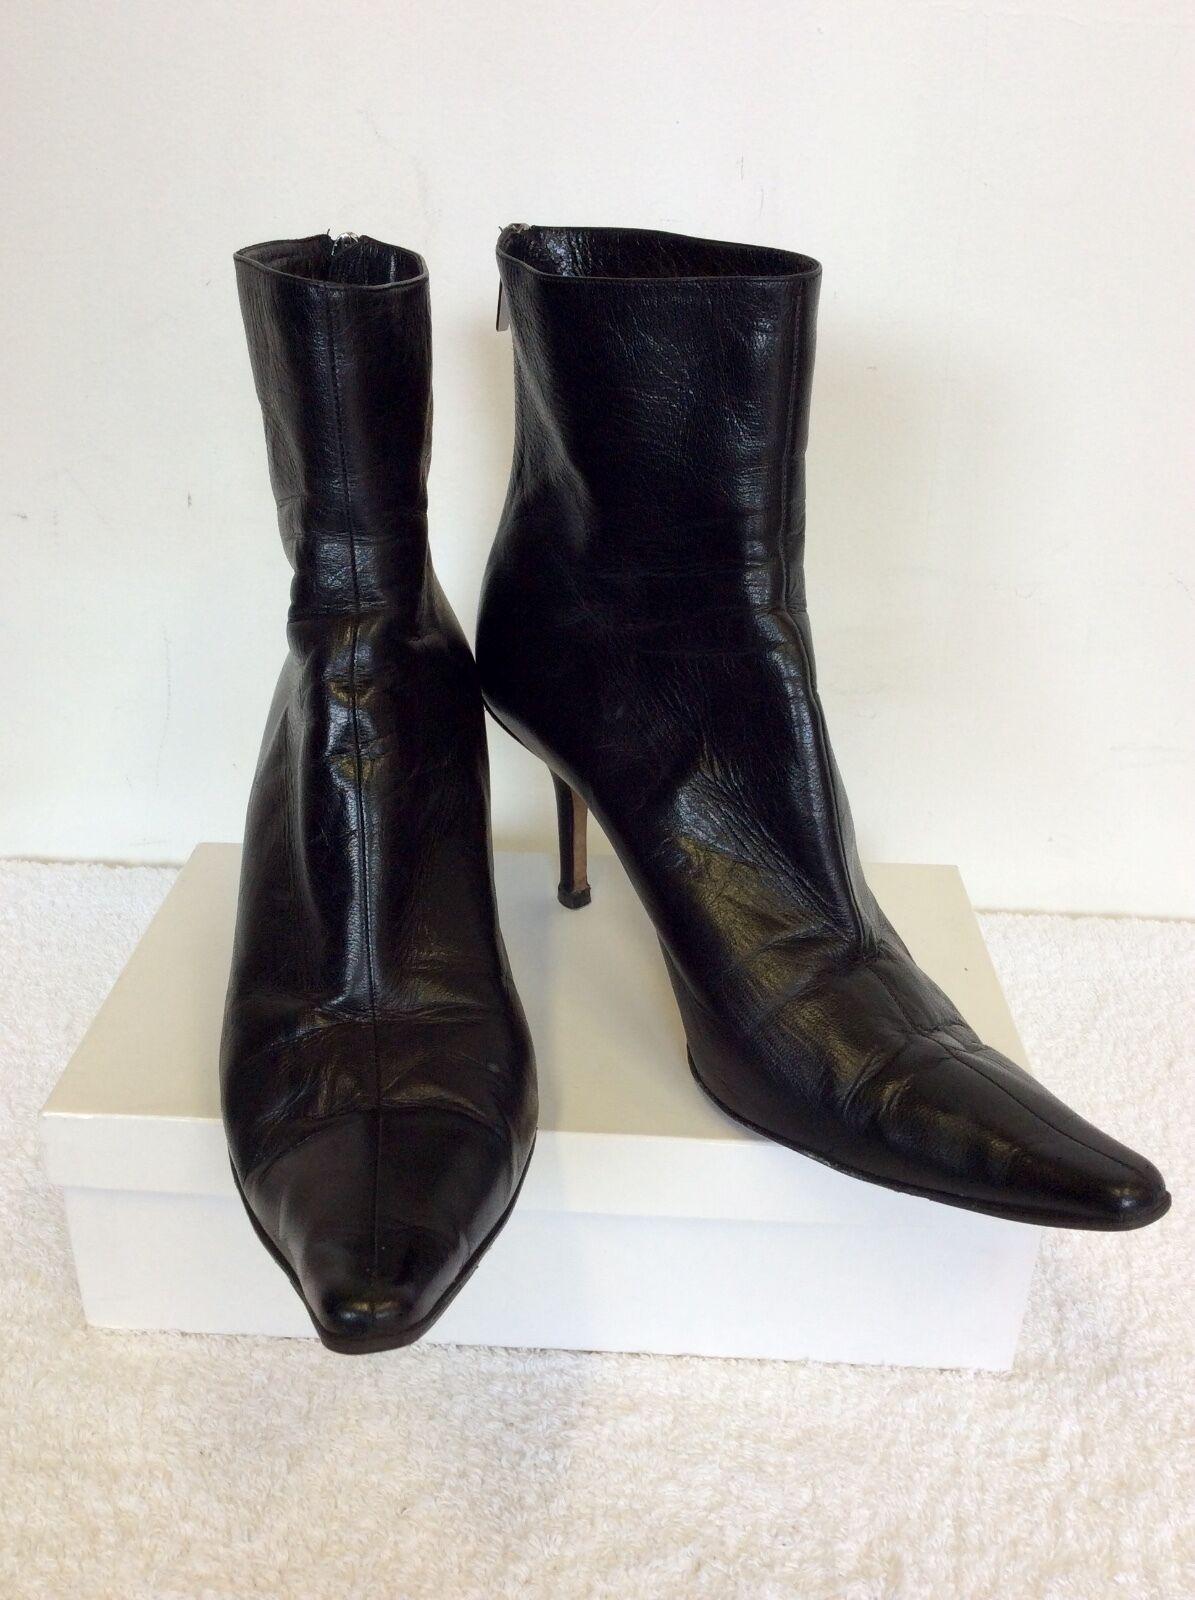 Jimmy CHOO /41.5 cuero negro tobillo botas /41.5 CHOO d5ab80